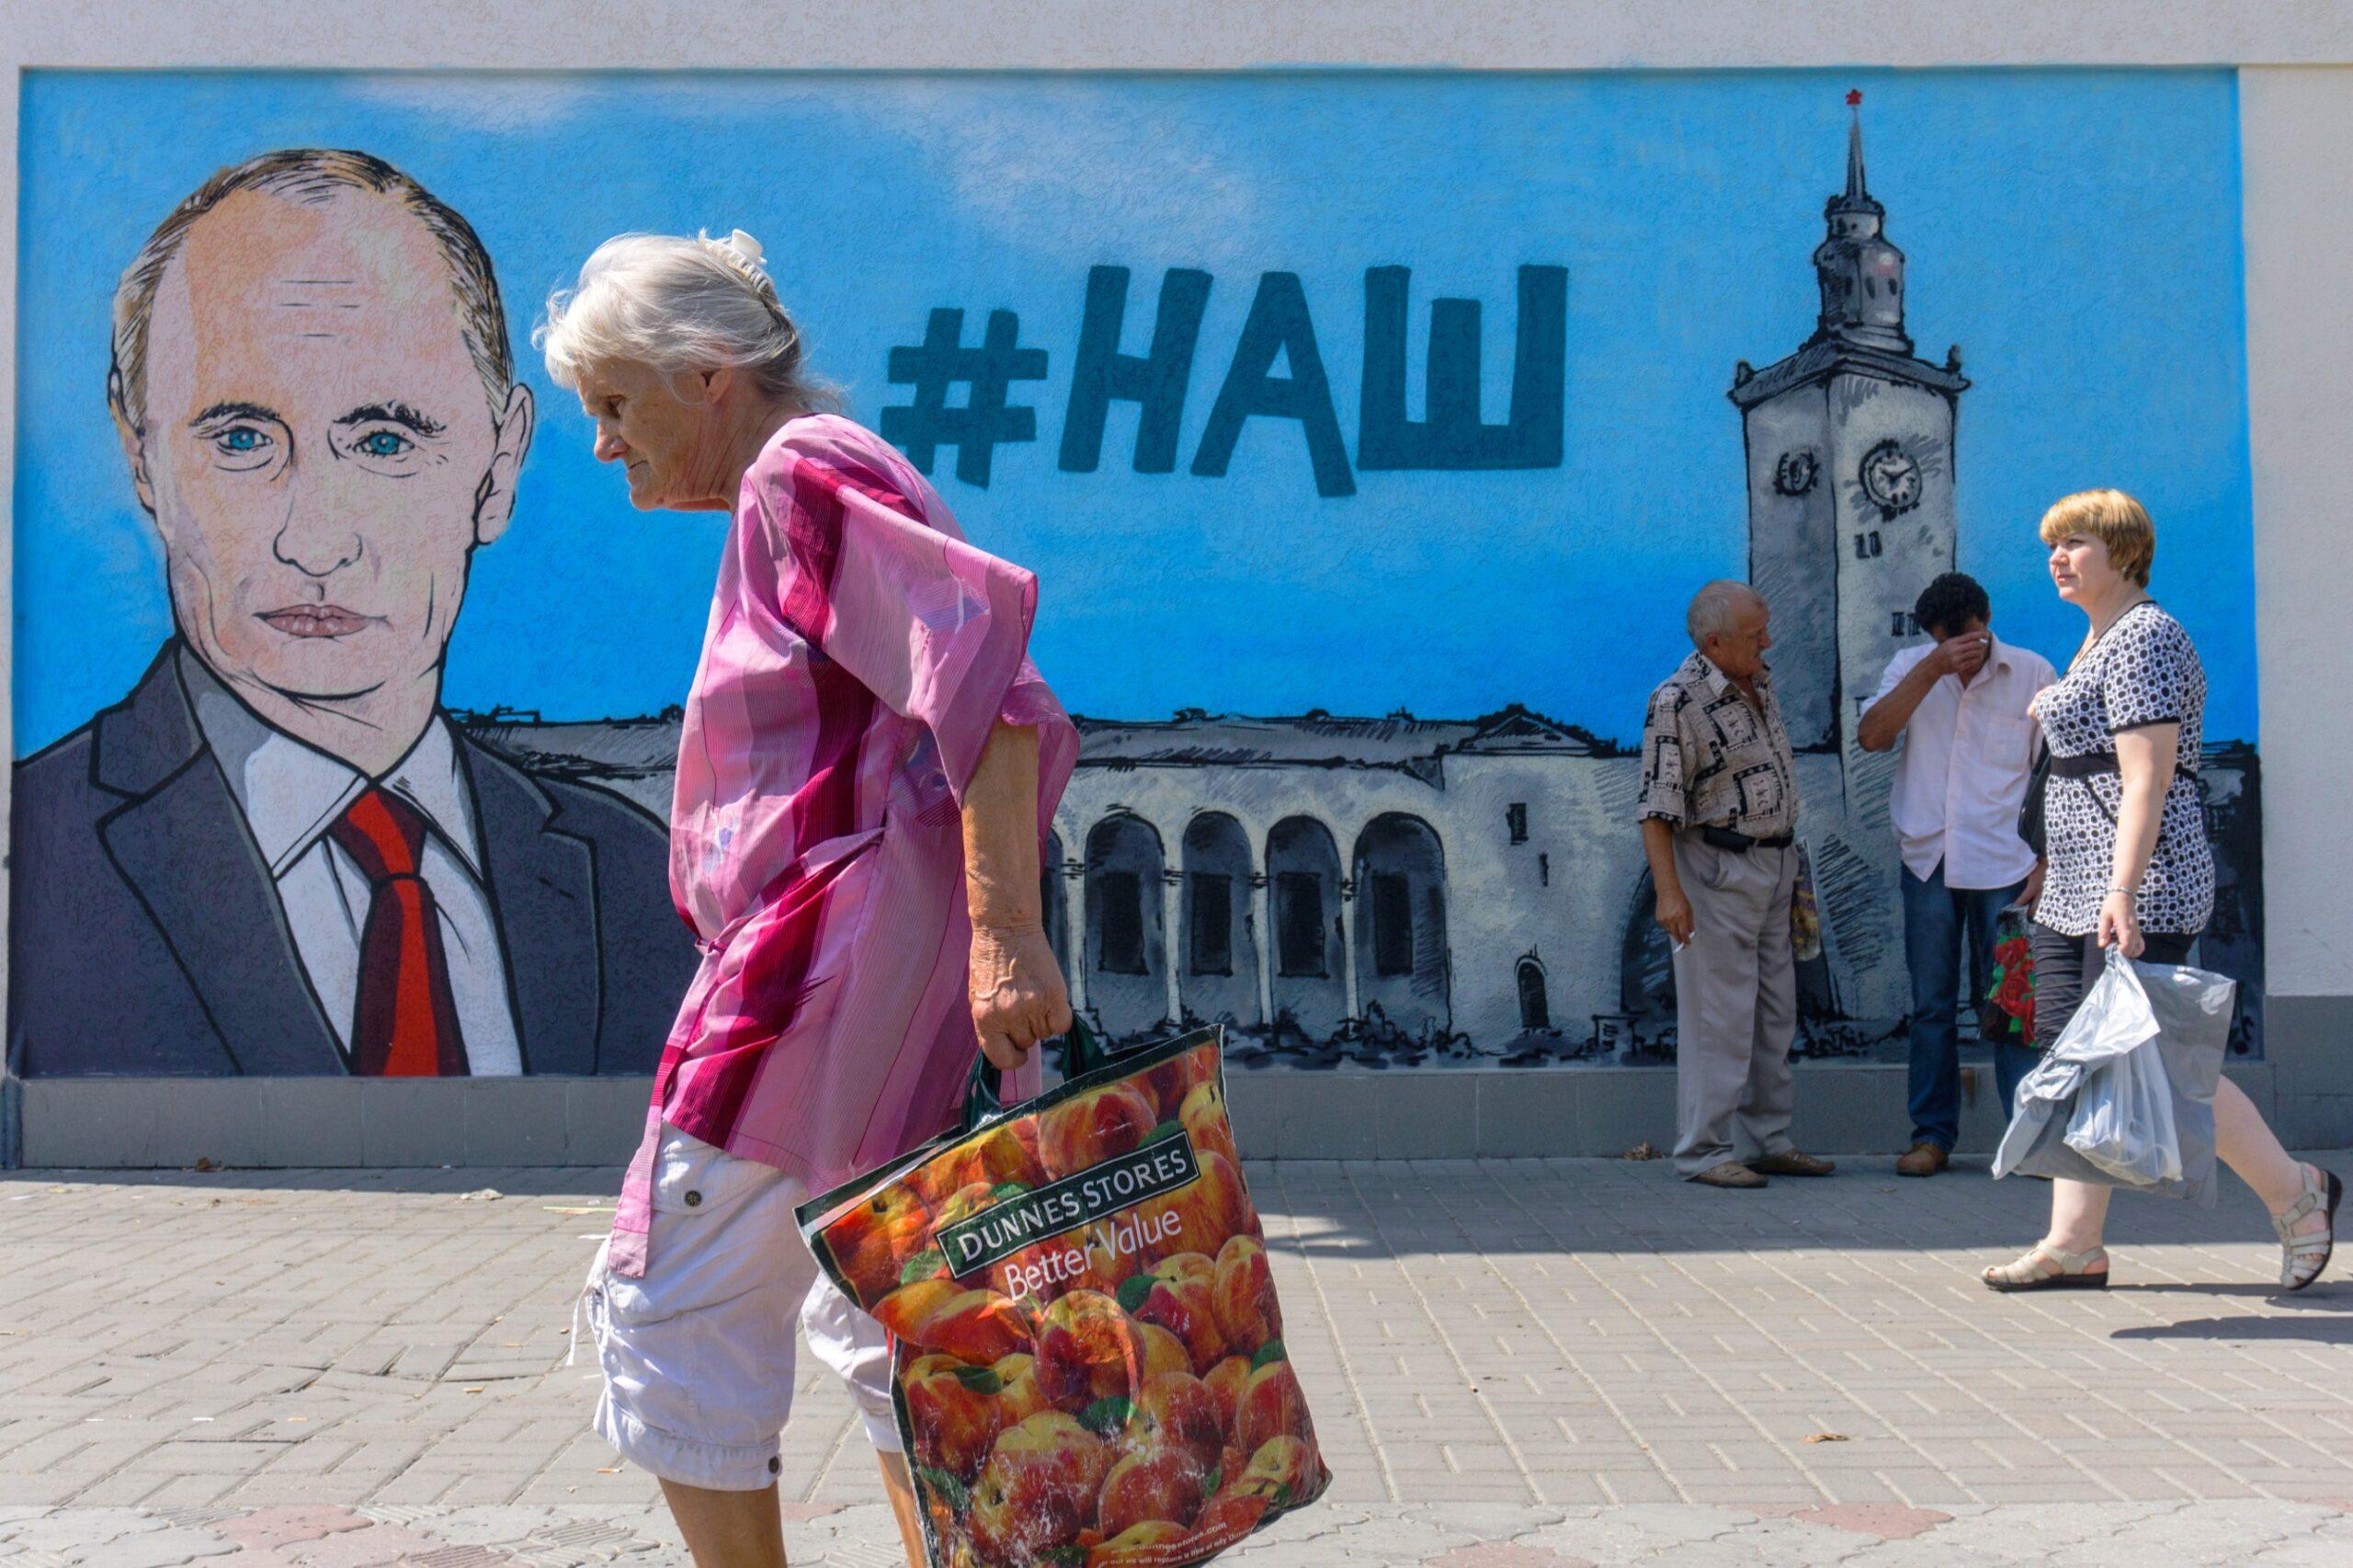 Американский журналист выяснил, действительно ли в Крыму «нет еды» полуостров, России, условиях, убедиться, происходящем, часто, отметил, благодаря, Джейсон, украинские, регионе, после, лично, читателей, солдат, улицах, журналист, пустых, пляжах, мифов